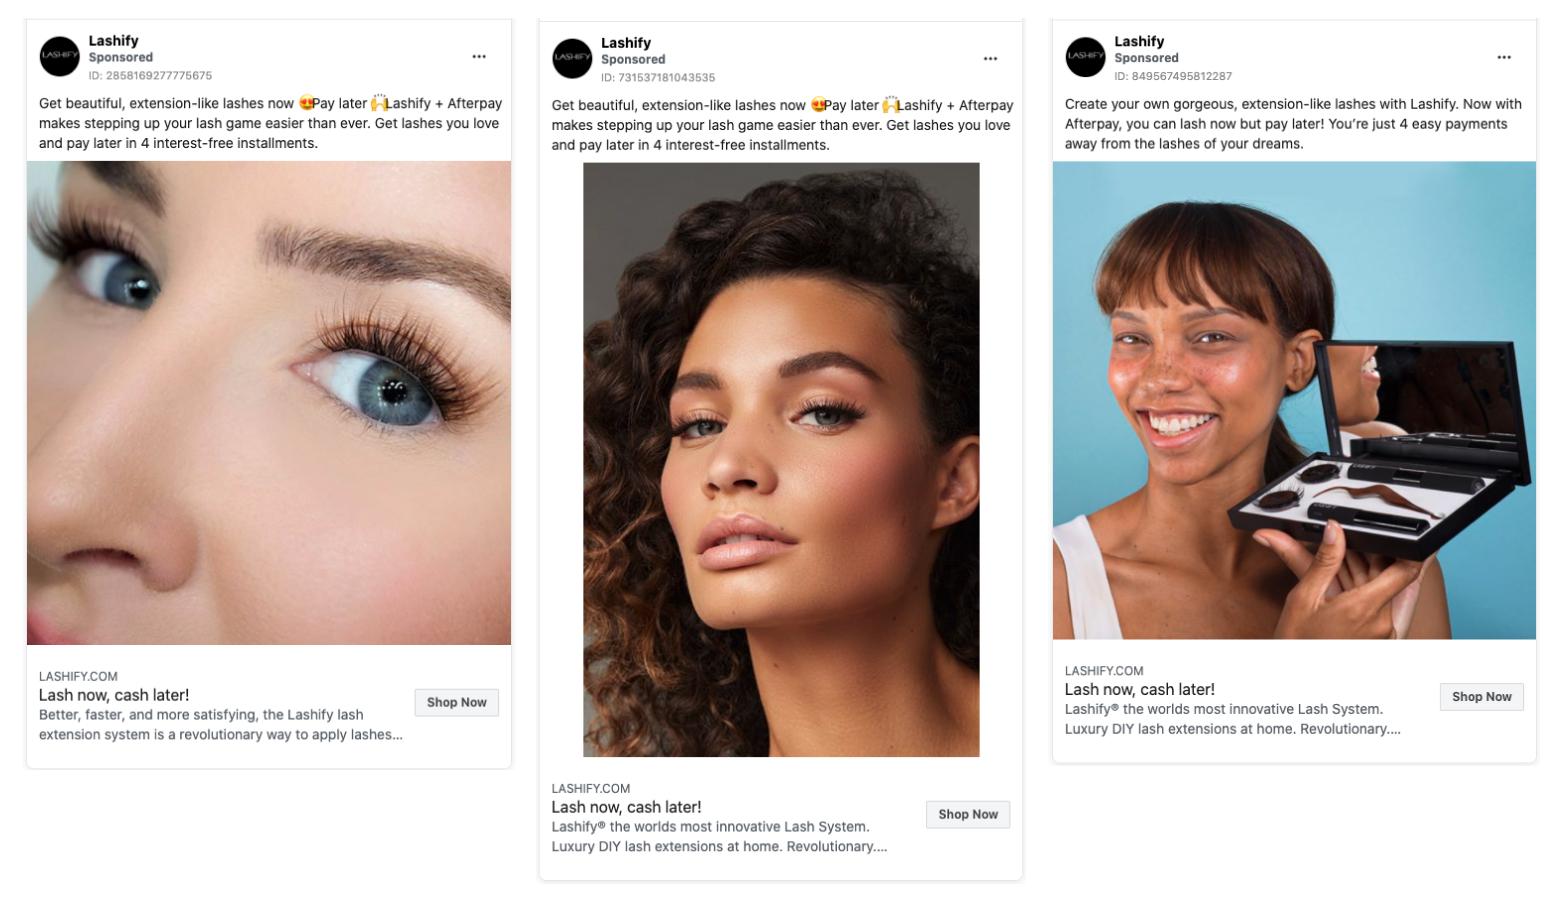 Lashify's social media facebook ads